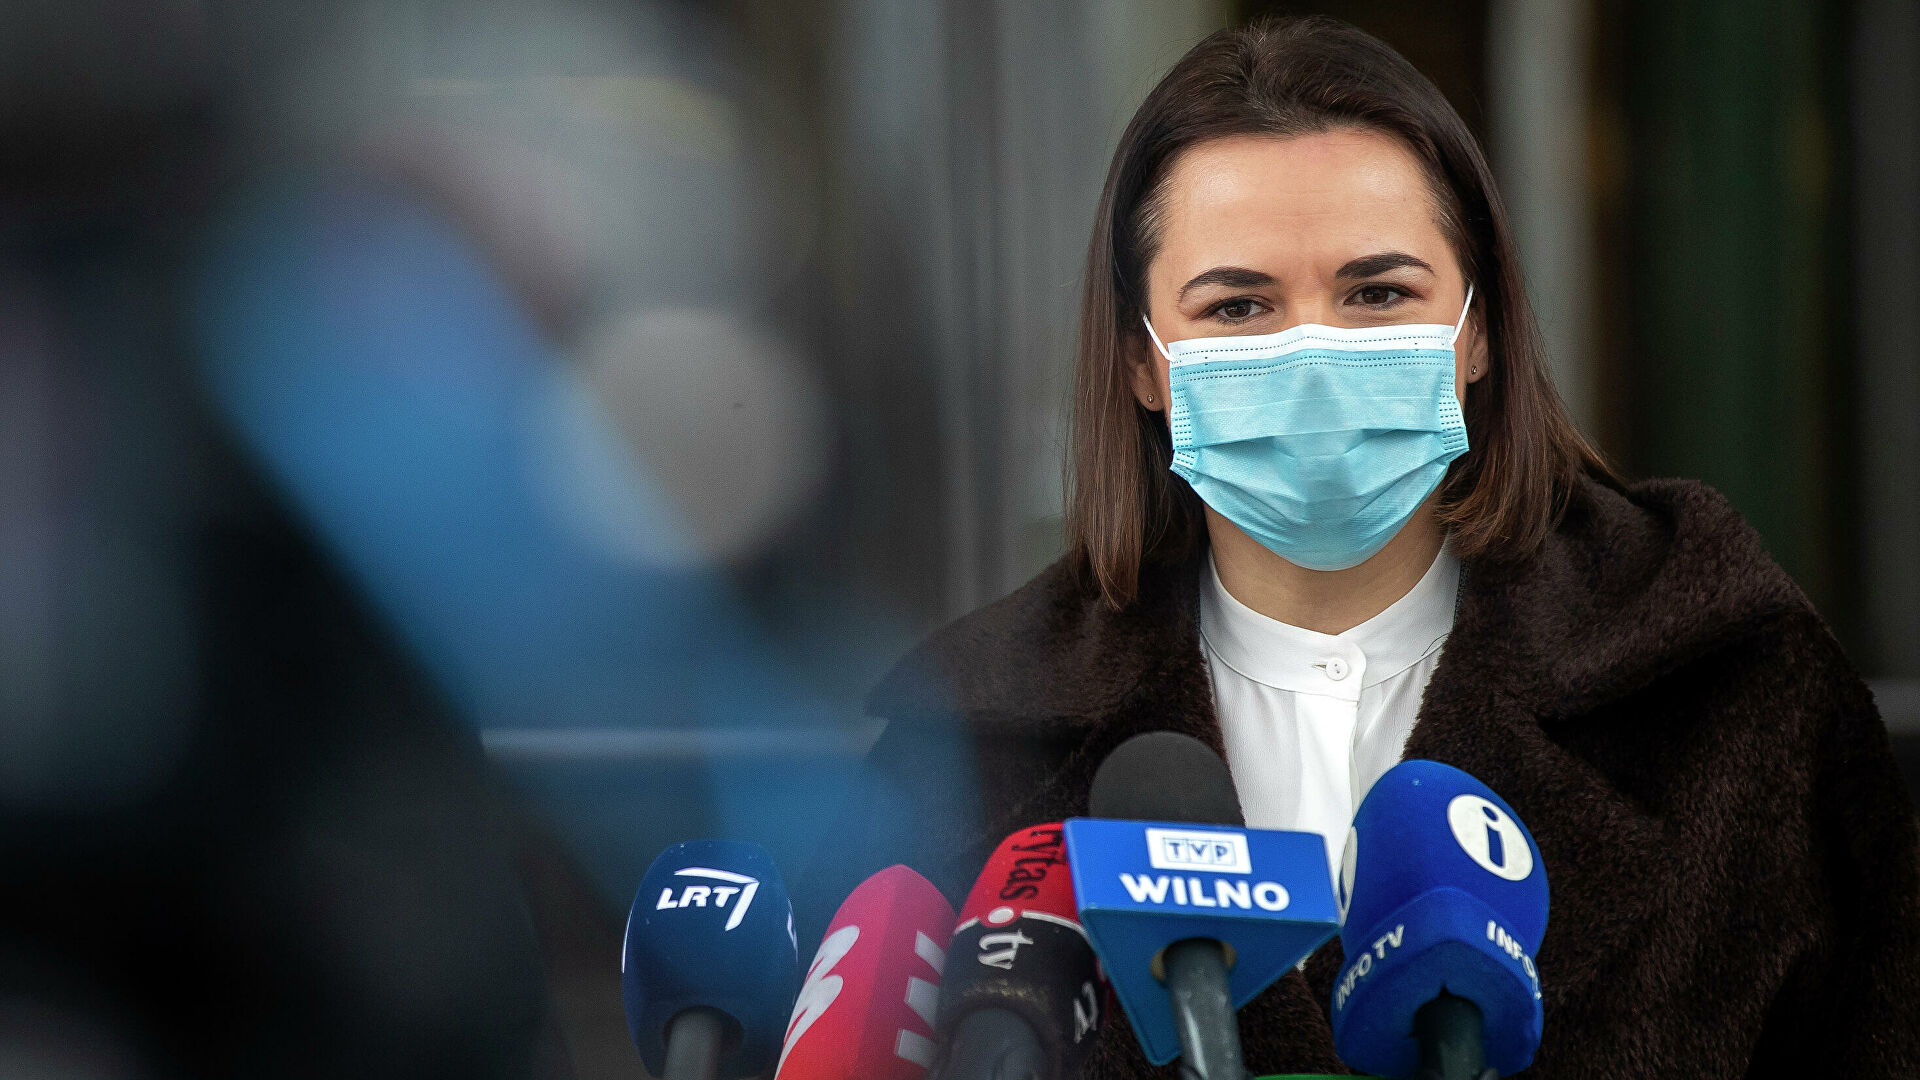 МВД убрало Тихановскую из списка разыскиваемых лиц